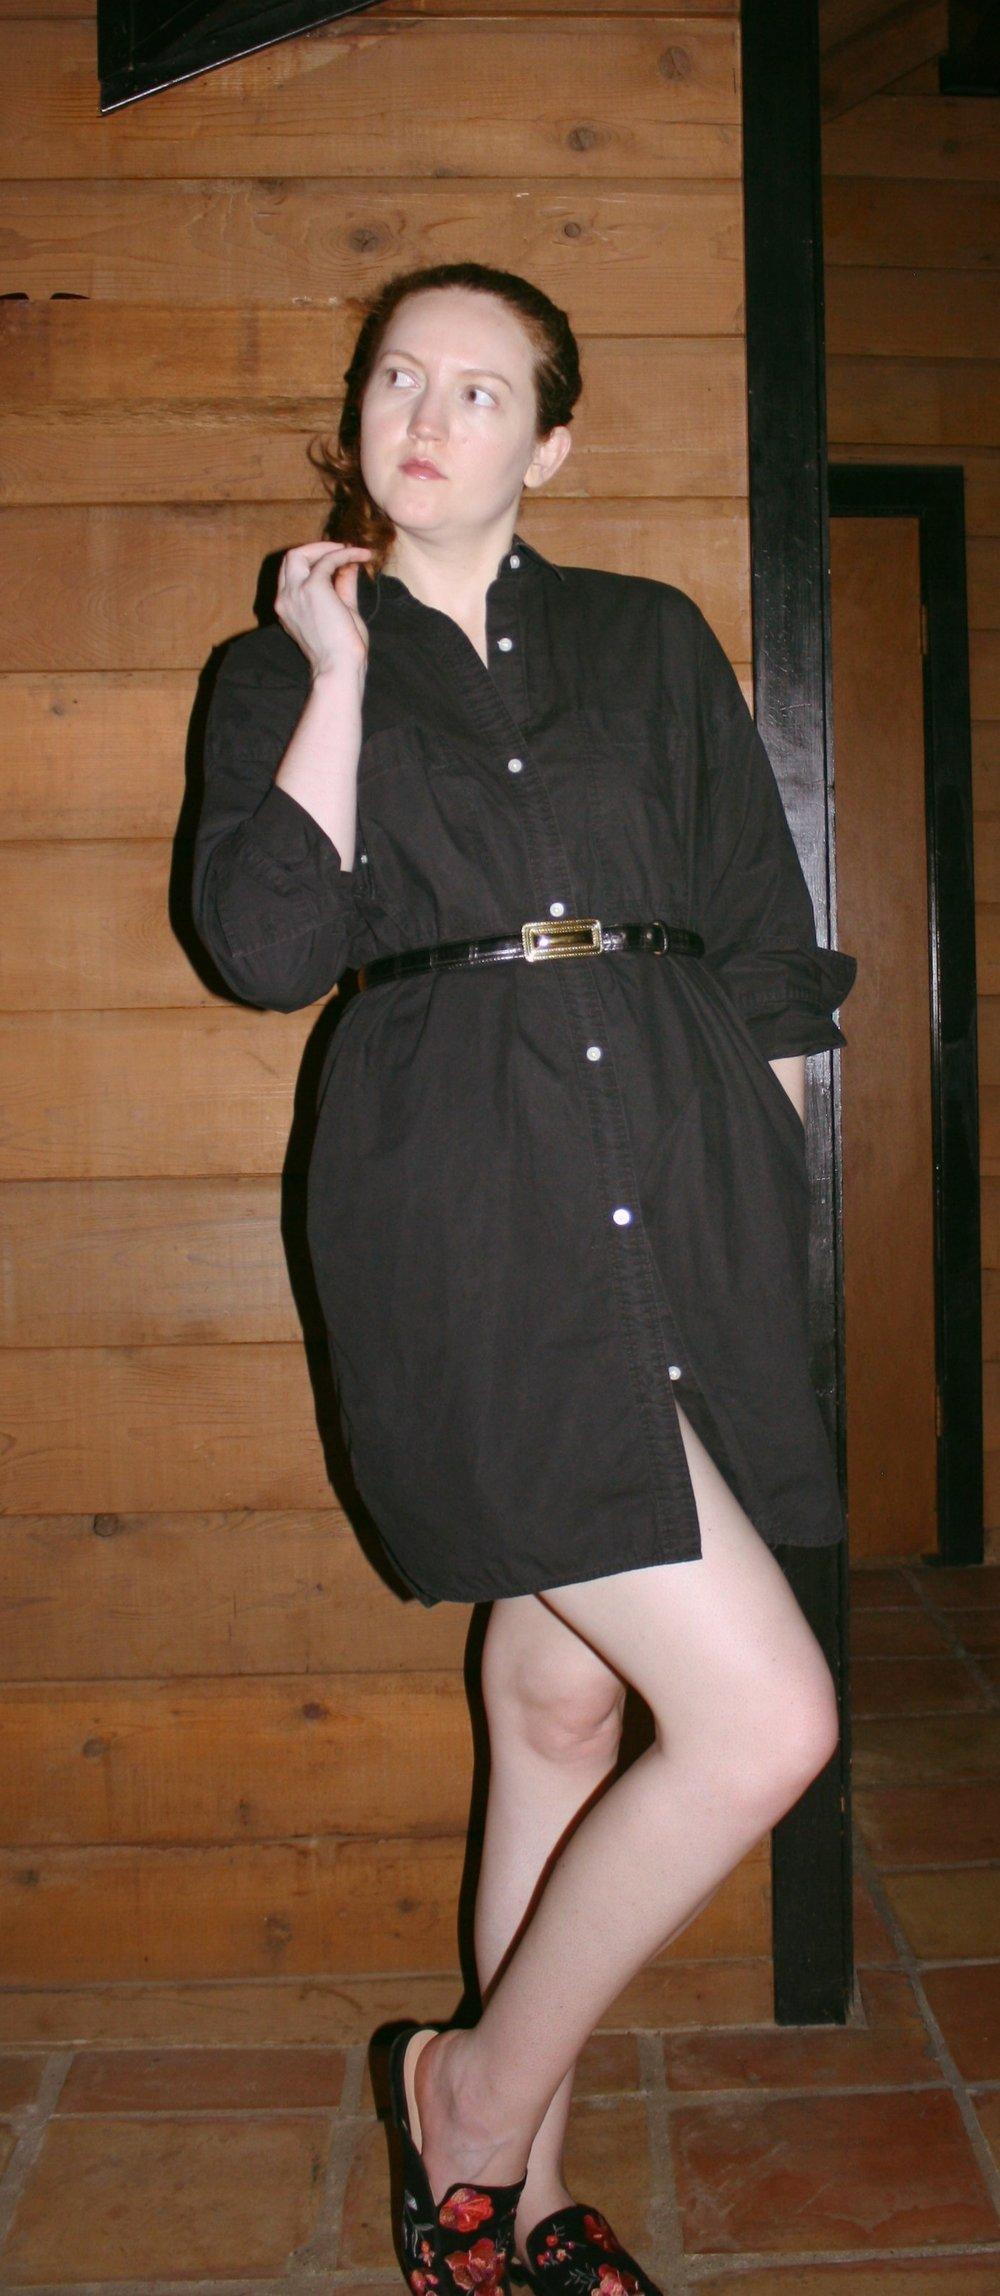 Everlane cotton two pocket shirt dress in Black + Floral Mules + Vintage Black Belt